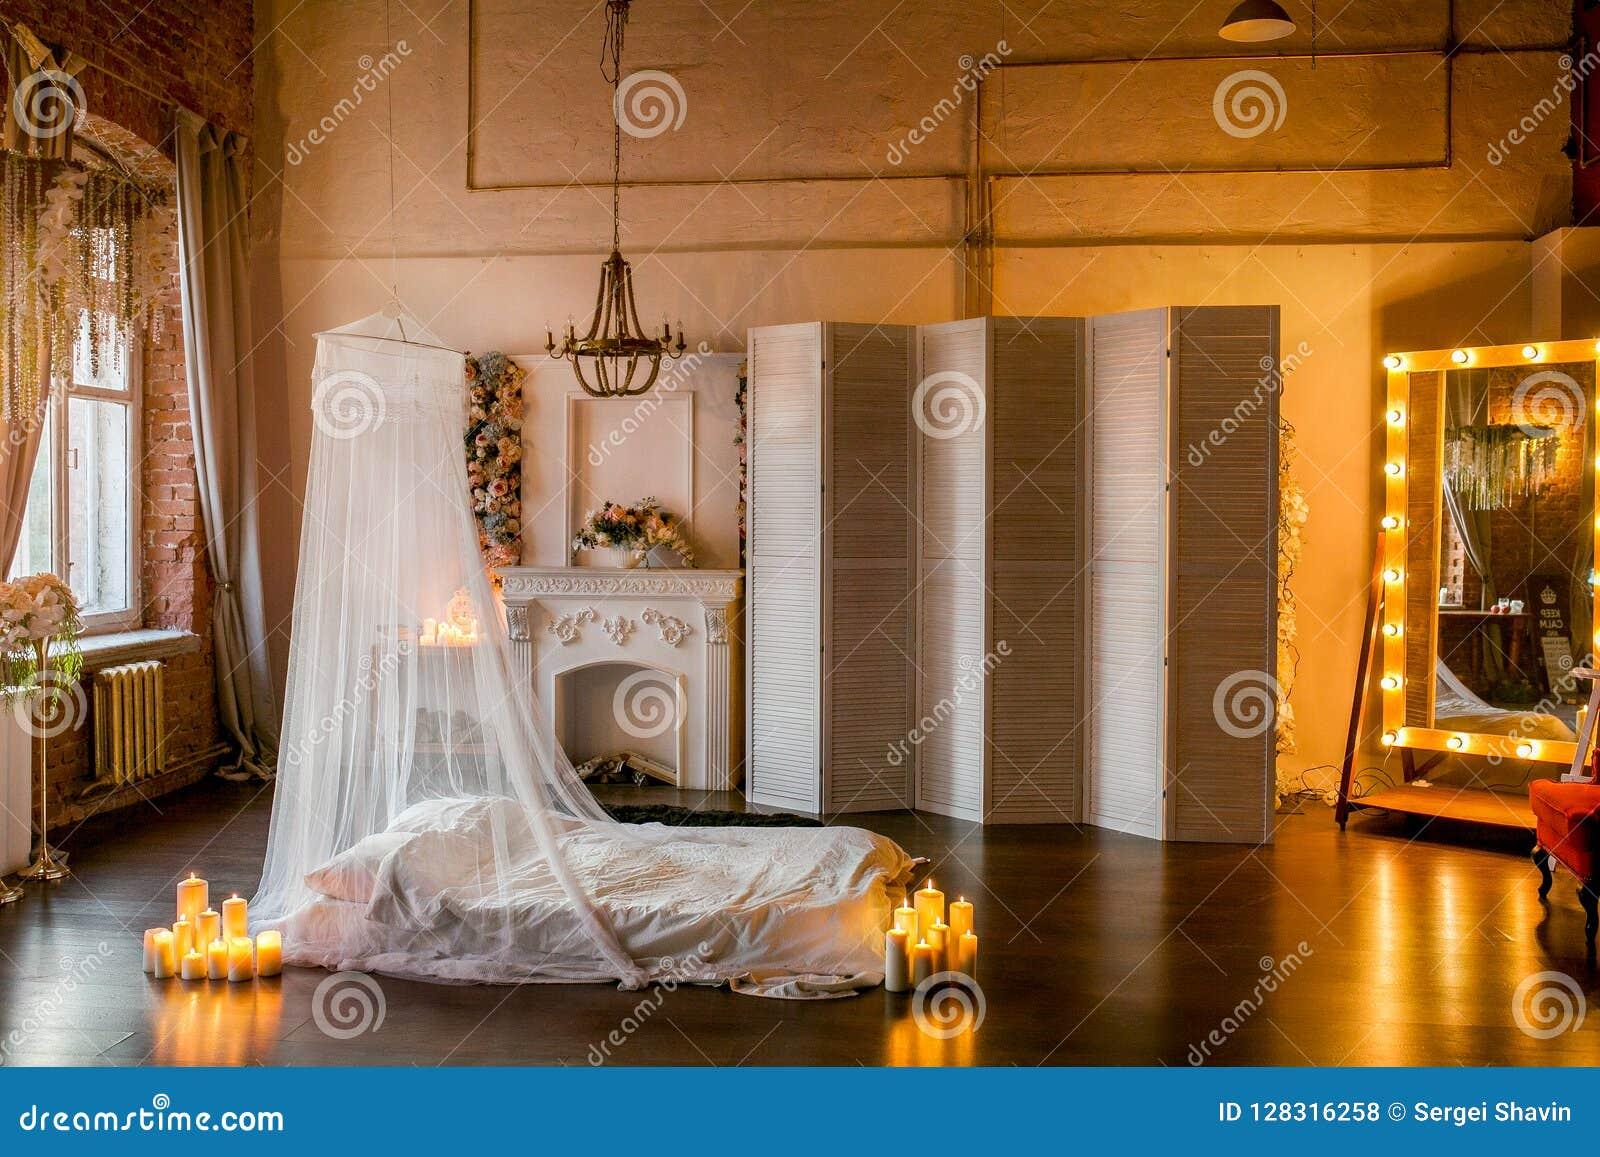 Foto Di Un Camino Acceso la stanza stile sottotetto con un letto, un baldacchino, un